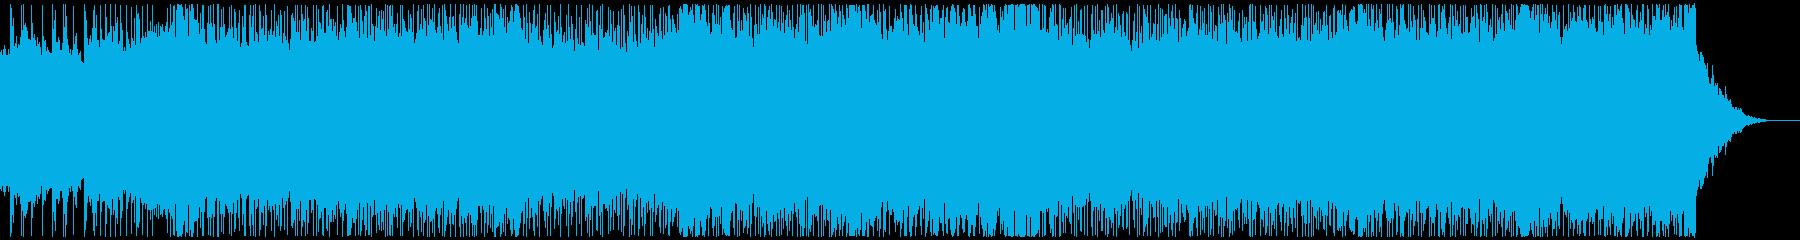 メタルテクノポップ、コミカル、デスボイスの再生済みの波形